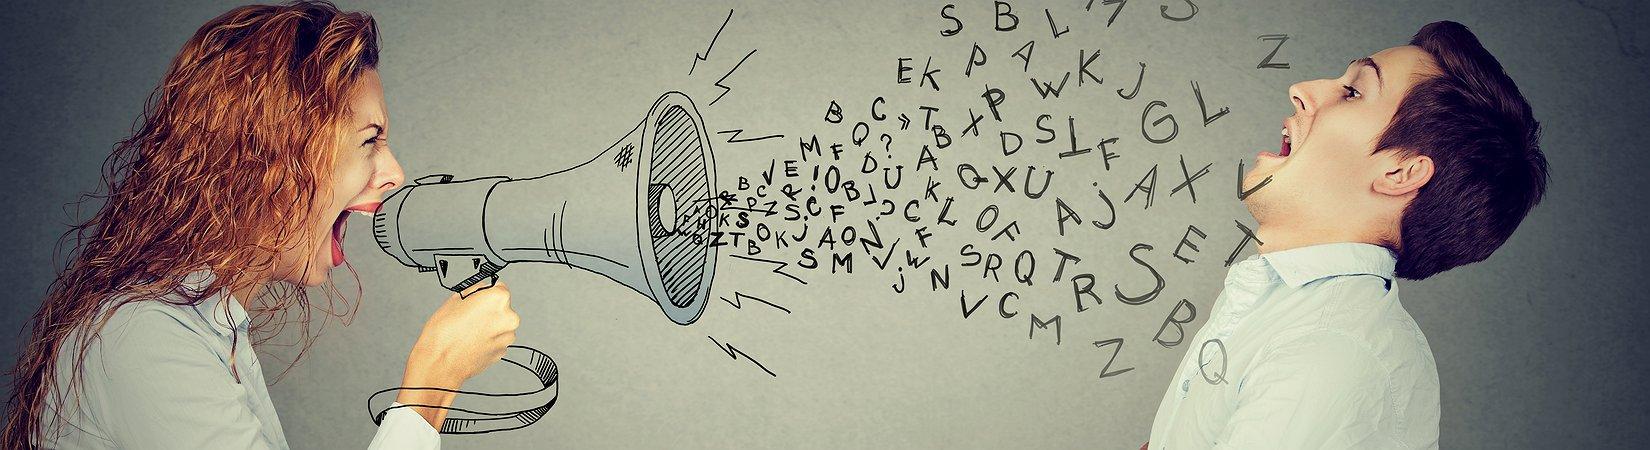 7 أسباب لشراء أسهم Alphabet وعدم بيعها أبداً